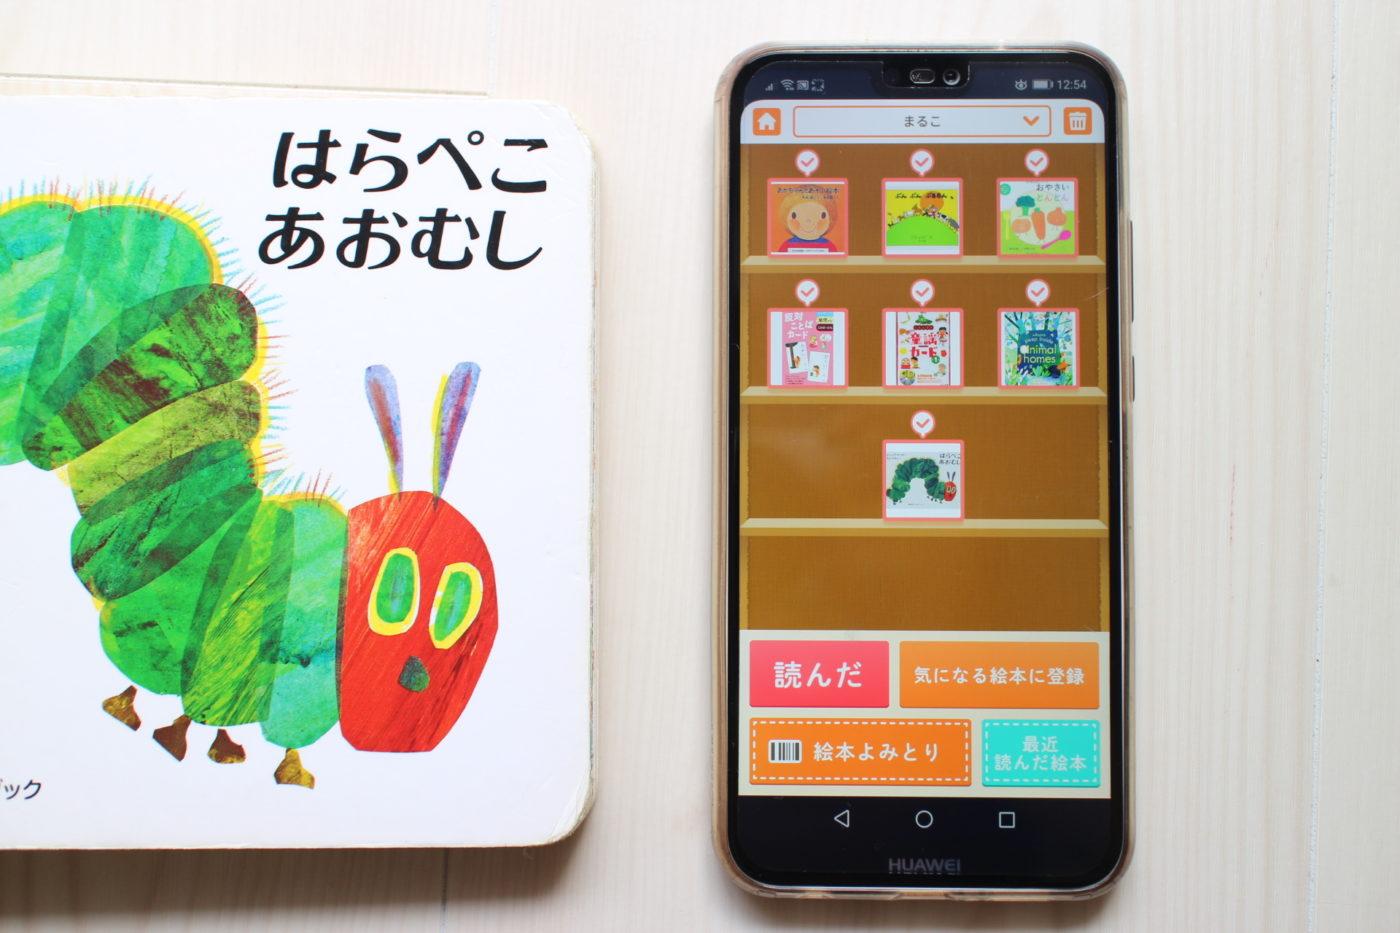 読み聞かせ絵本と成長が記録できる公文の無料アプリがすごい!